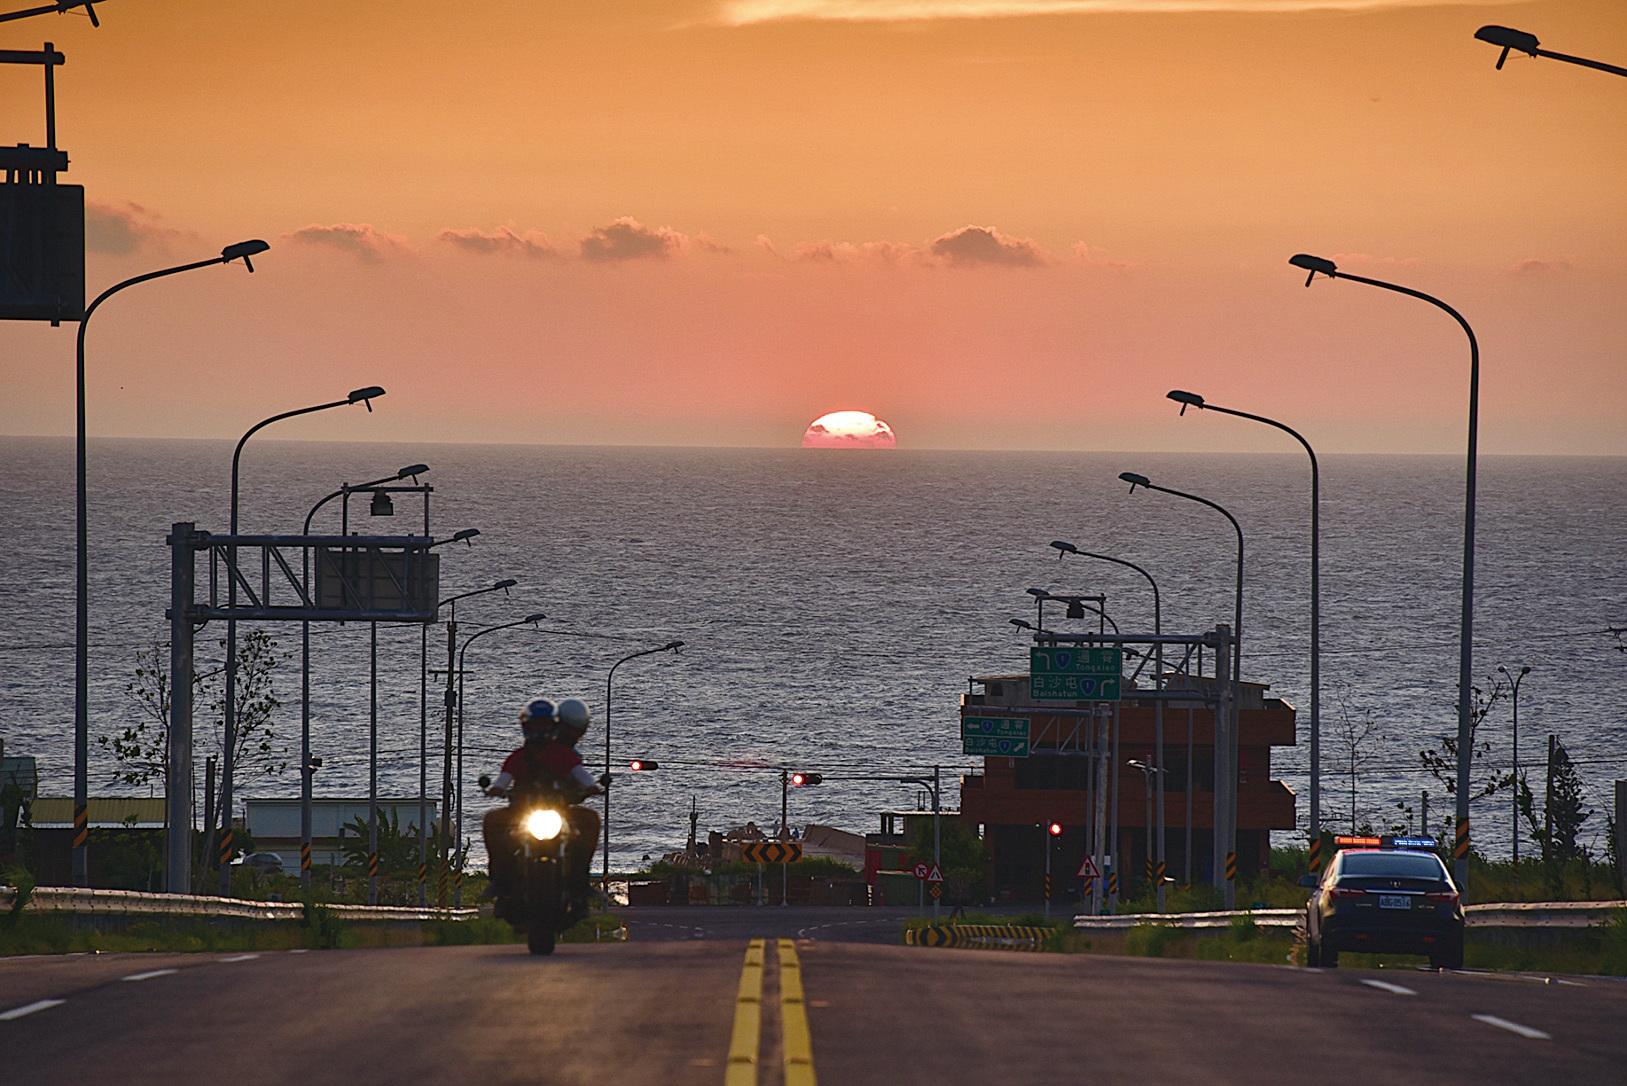 西濱最美月牙灣公路與落日大道,獲得十大公路美景票選冠軍。 (台灣公路總局)